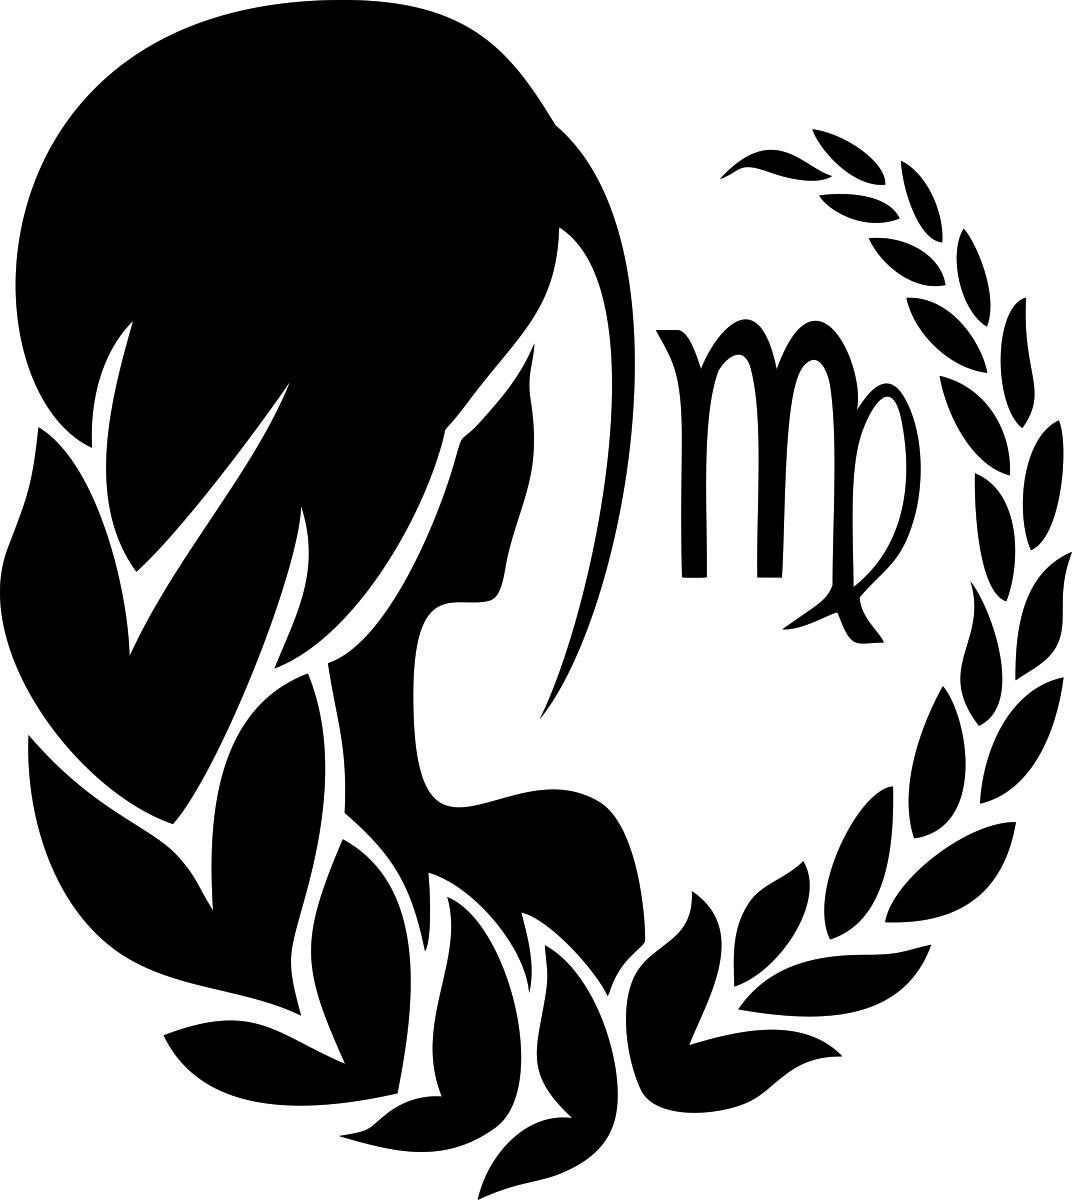 Фото - Наклейка ОранжевыйСлоник виниловая Дева для авто или интерьера, Винил авто